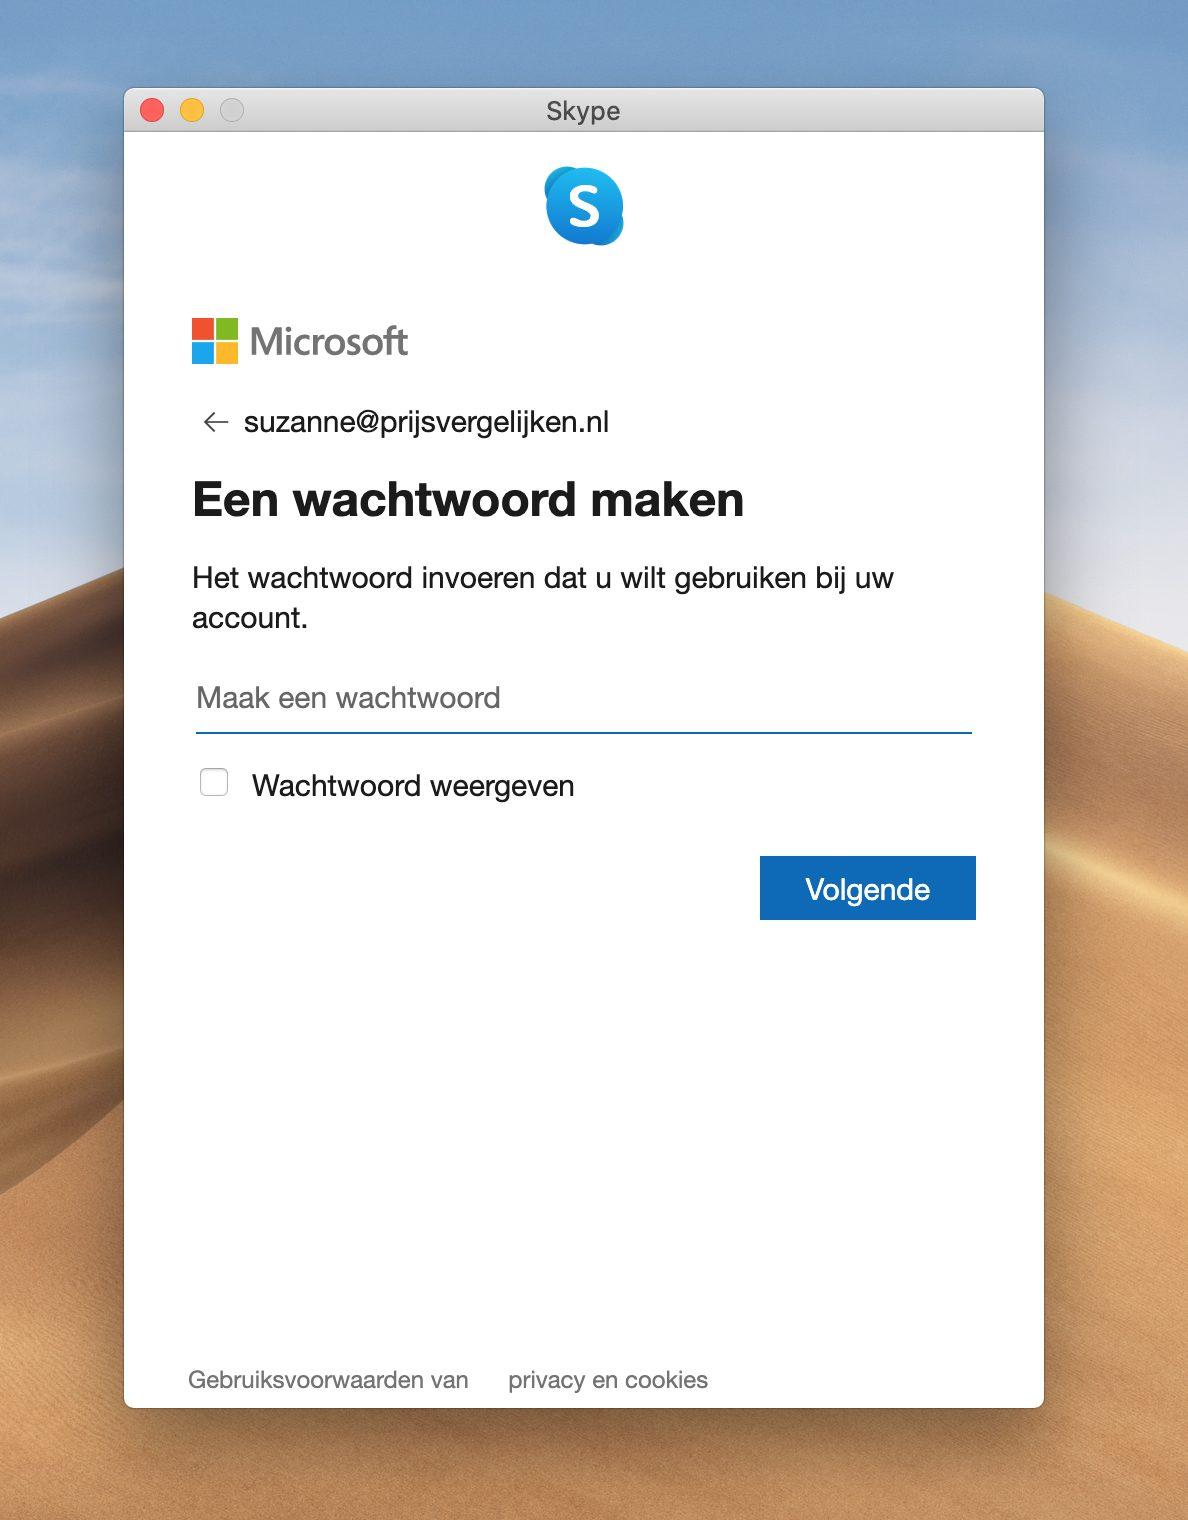 Screenshot 'een wachtwoord maken' programma Skype